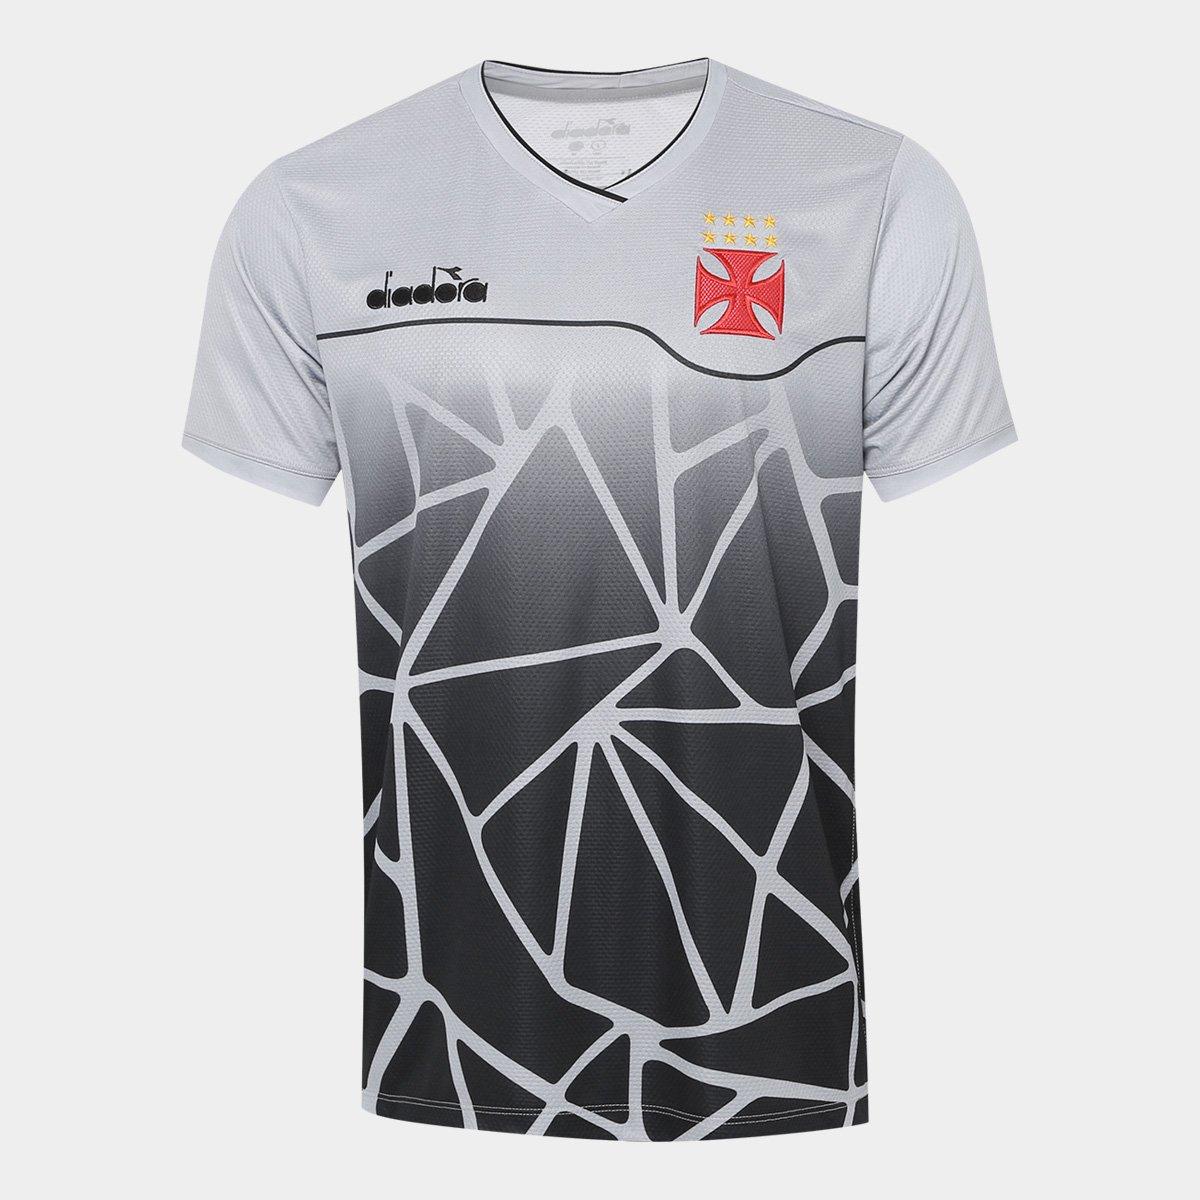 Camisa Vasco Treino 2018 Diadora Masculina - Cinza e Preto - Compre ... 913ed7aab26e8